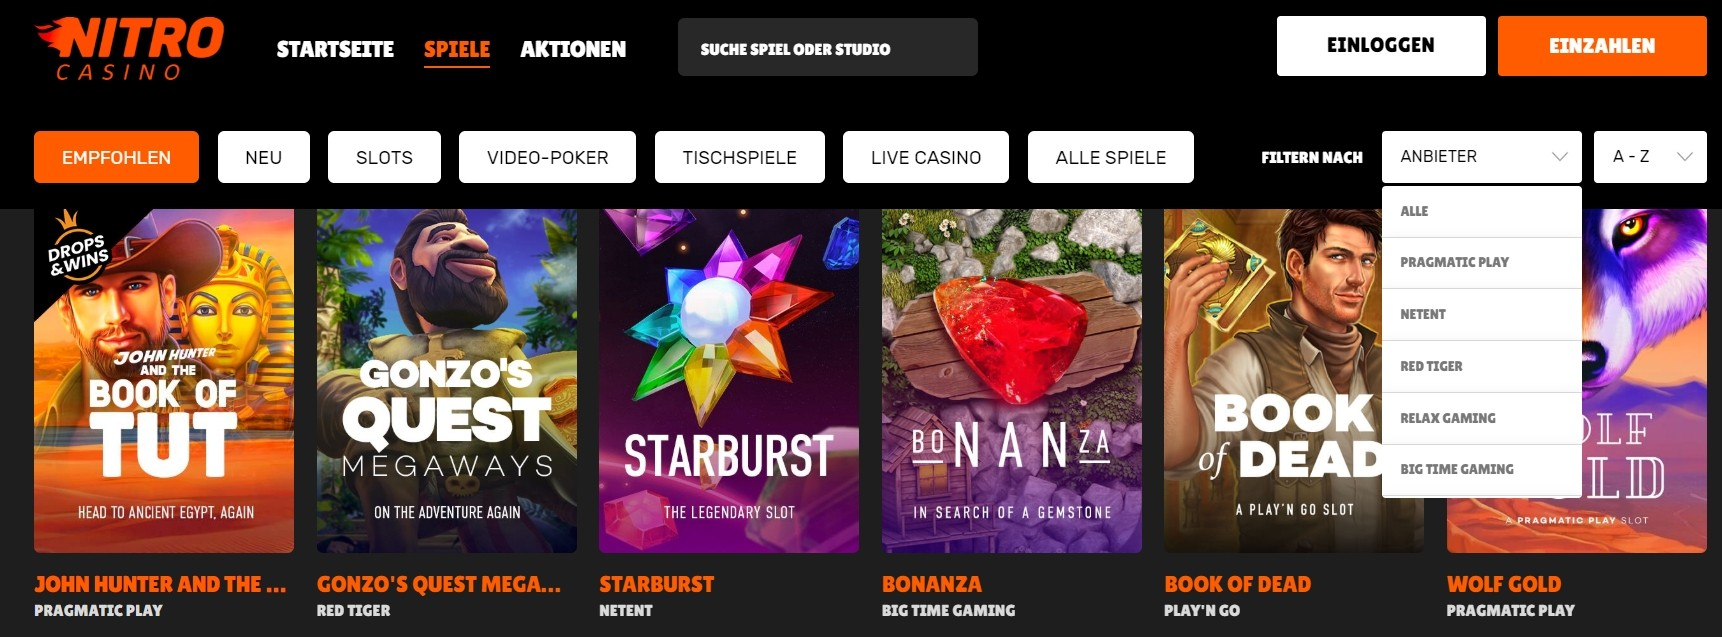 Nitro Casino Spielauswahl und Software-Entwickler